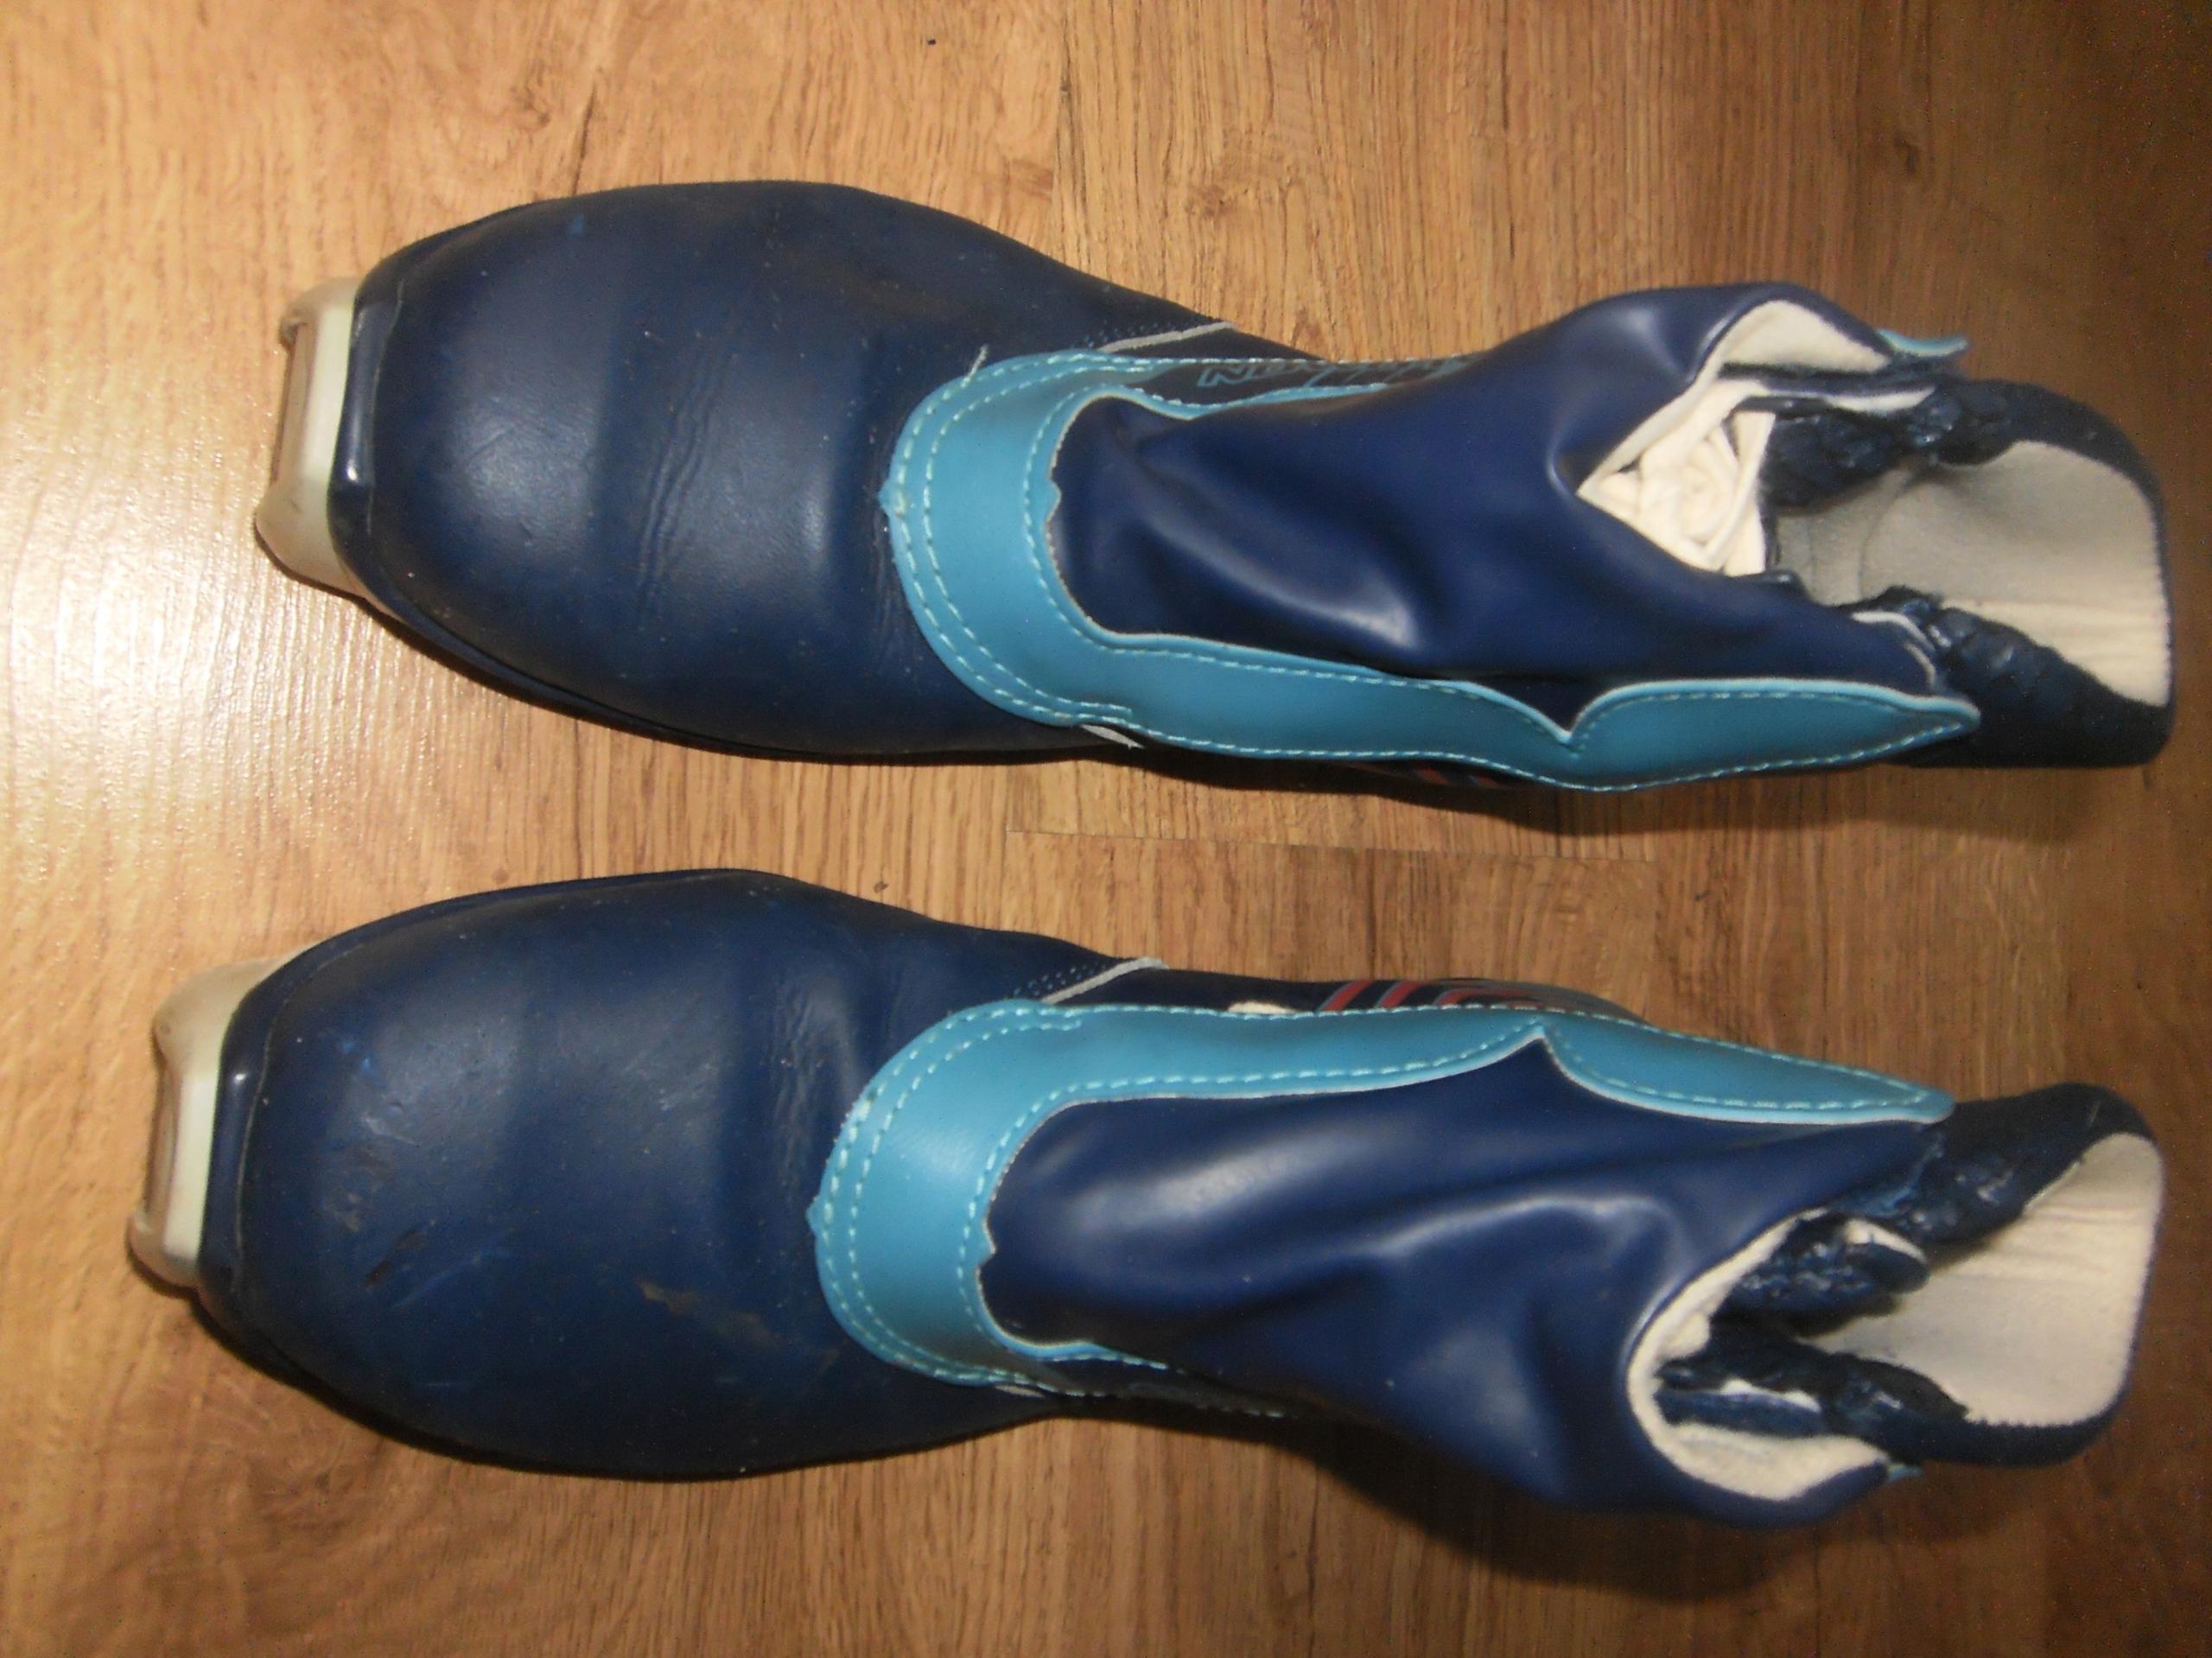 Buty biegówki SALOMON 511 rozmiar 42